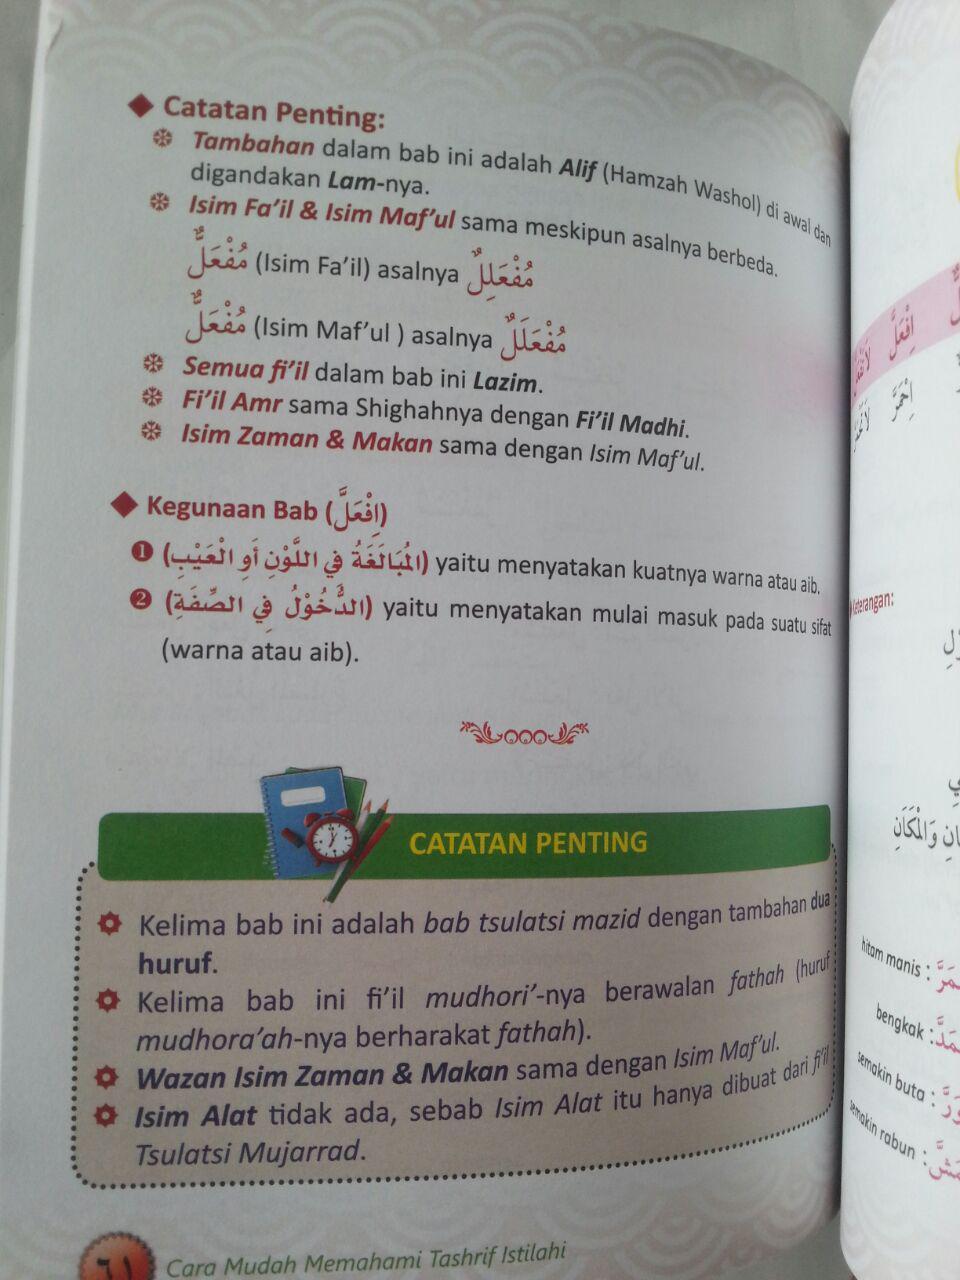 Buku Mudah memahami Tashrif Istilahi 1 Untuk Pemula isi 3